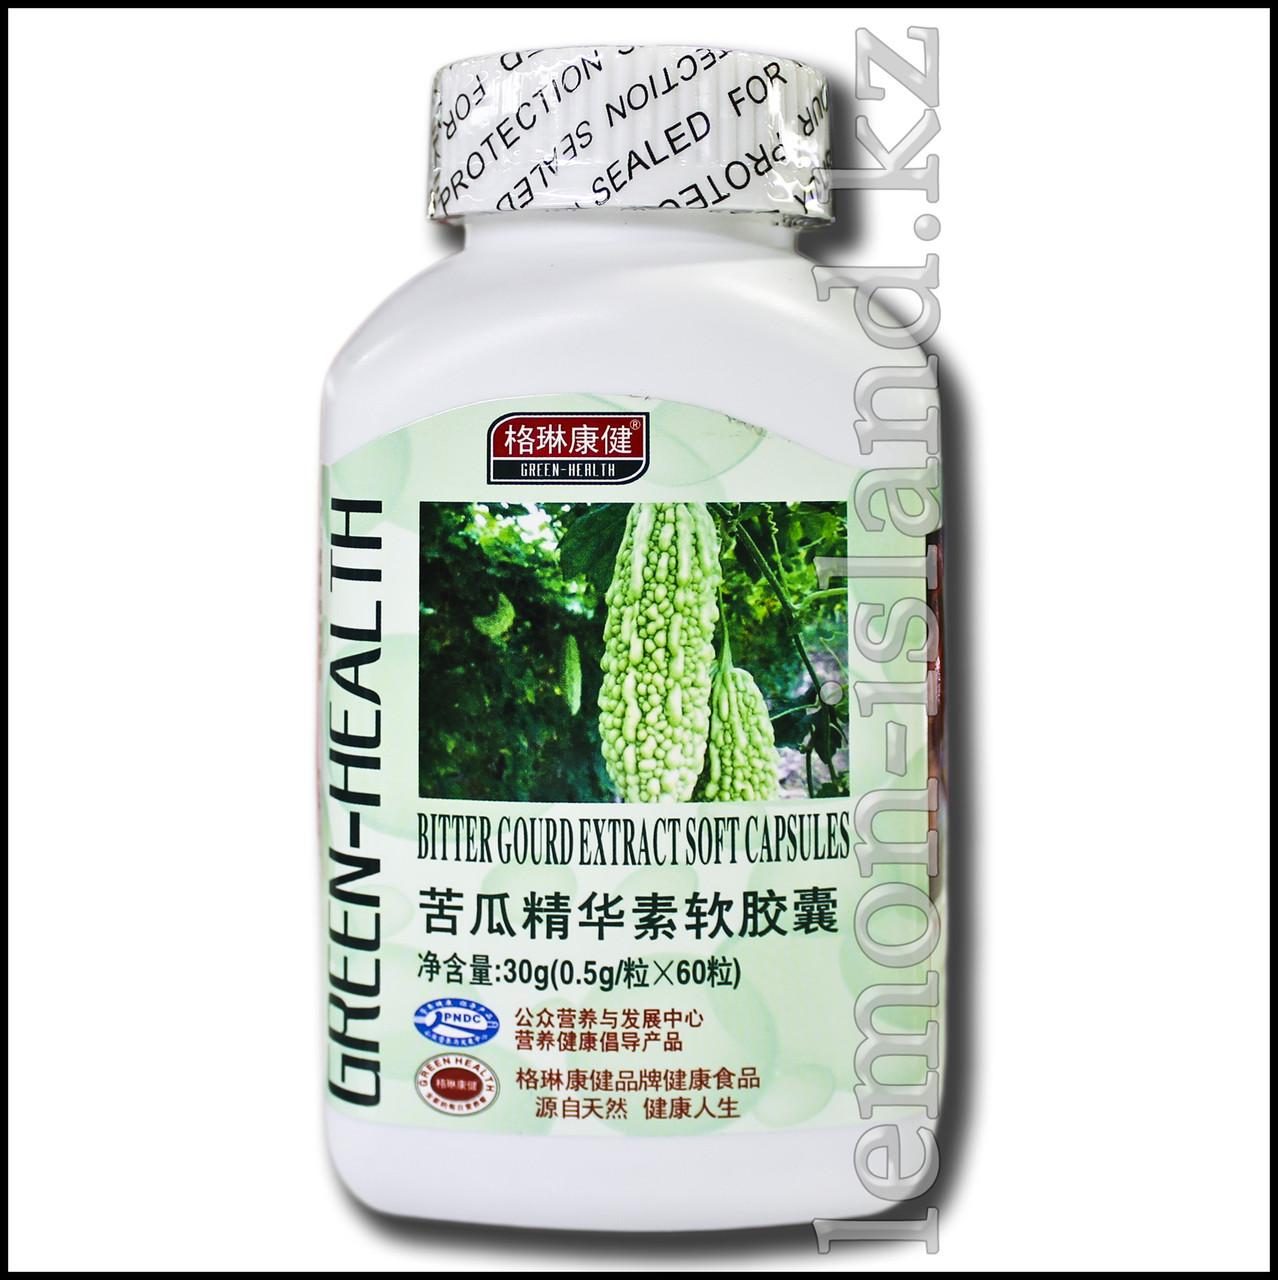 Момордика для снижения сахара в крови от фабрики Green Health, 60 капсул.